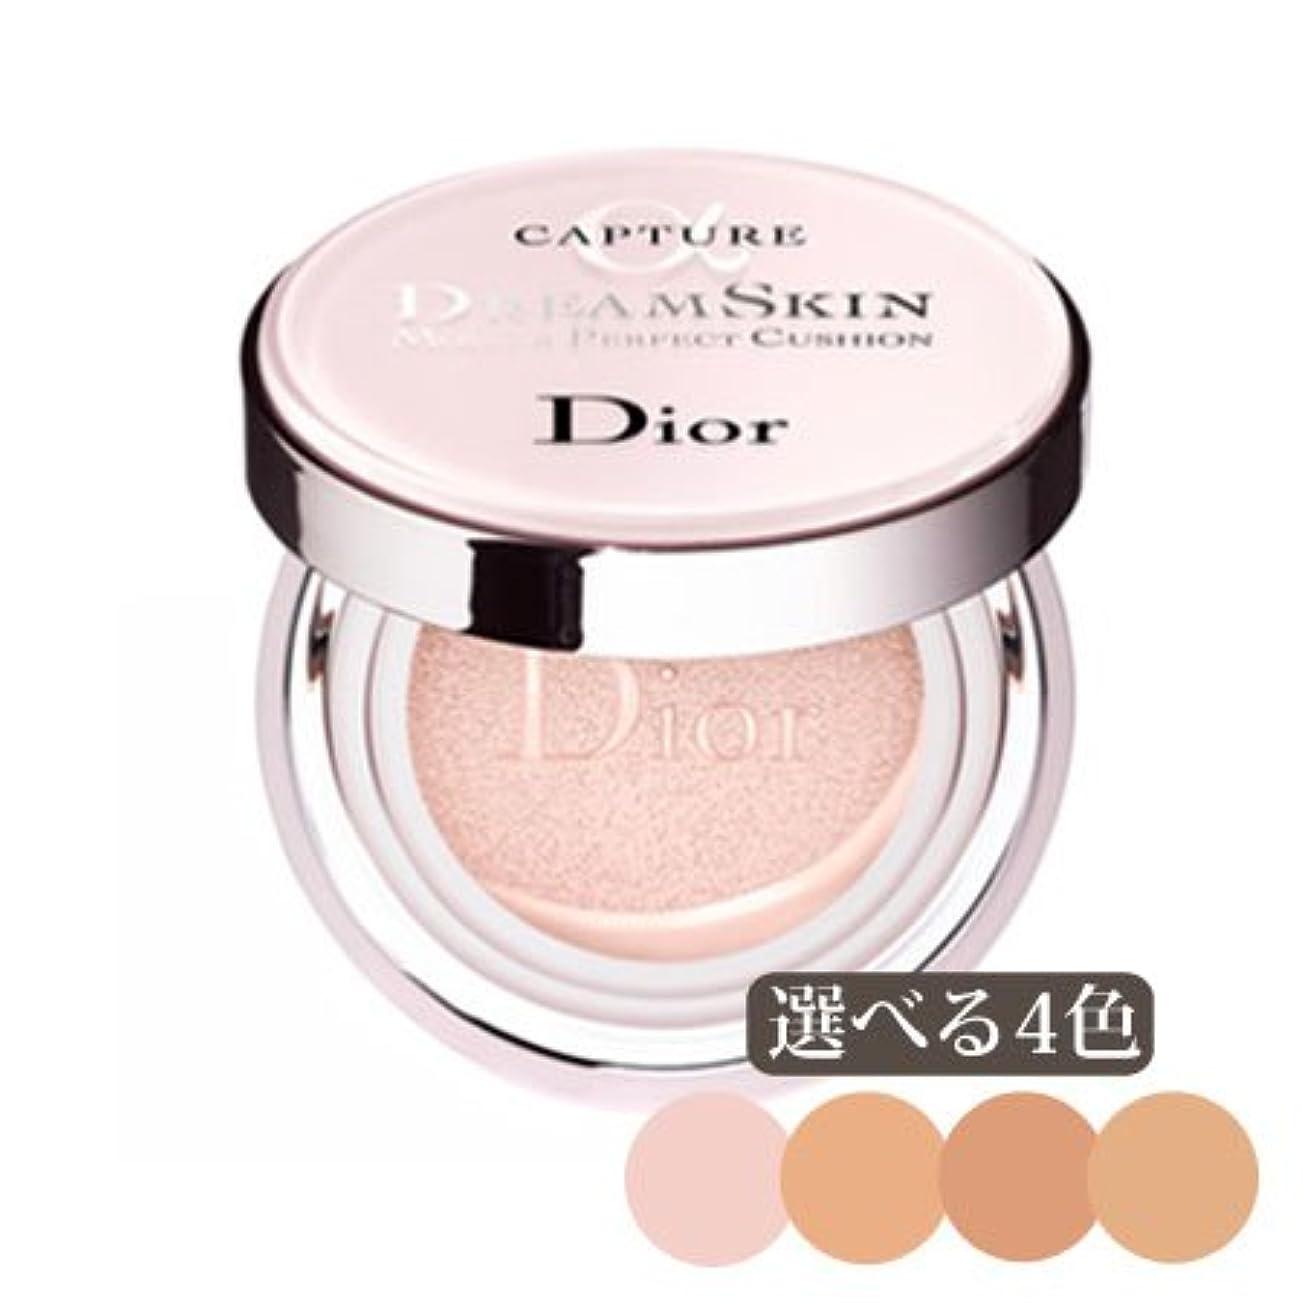 平和な思い出す抜粋ディオール カプチュール ドリームスキン モイスト クッション 選べる4色 -Dior- 012